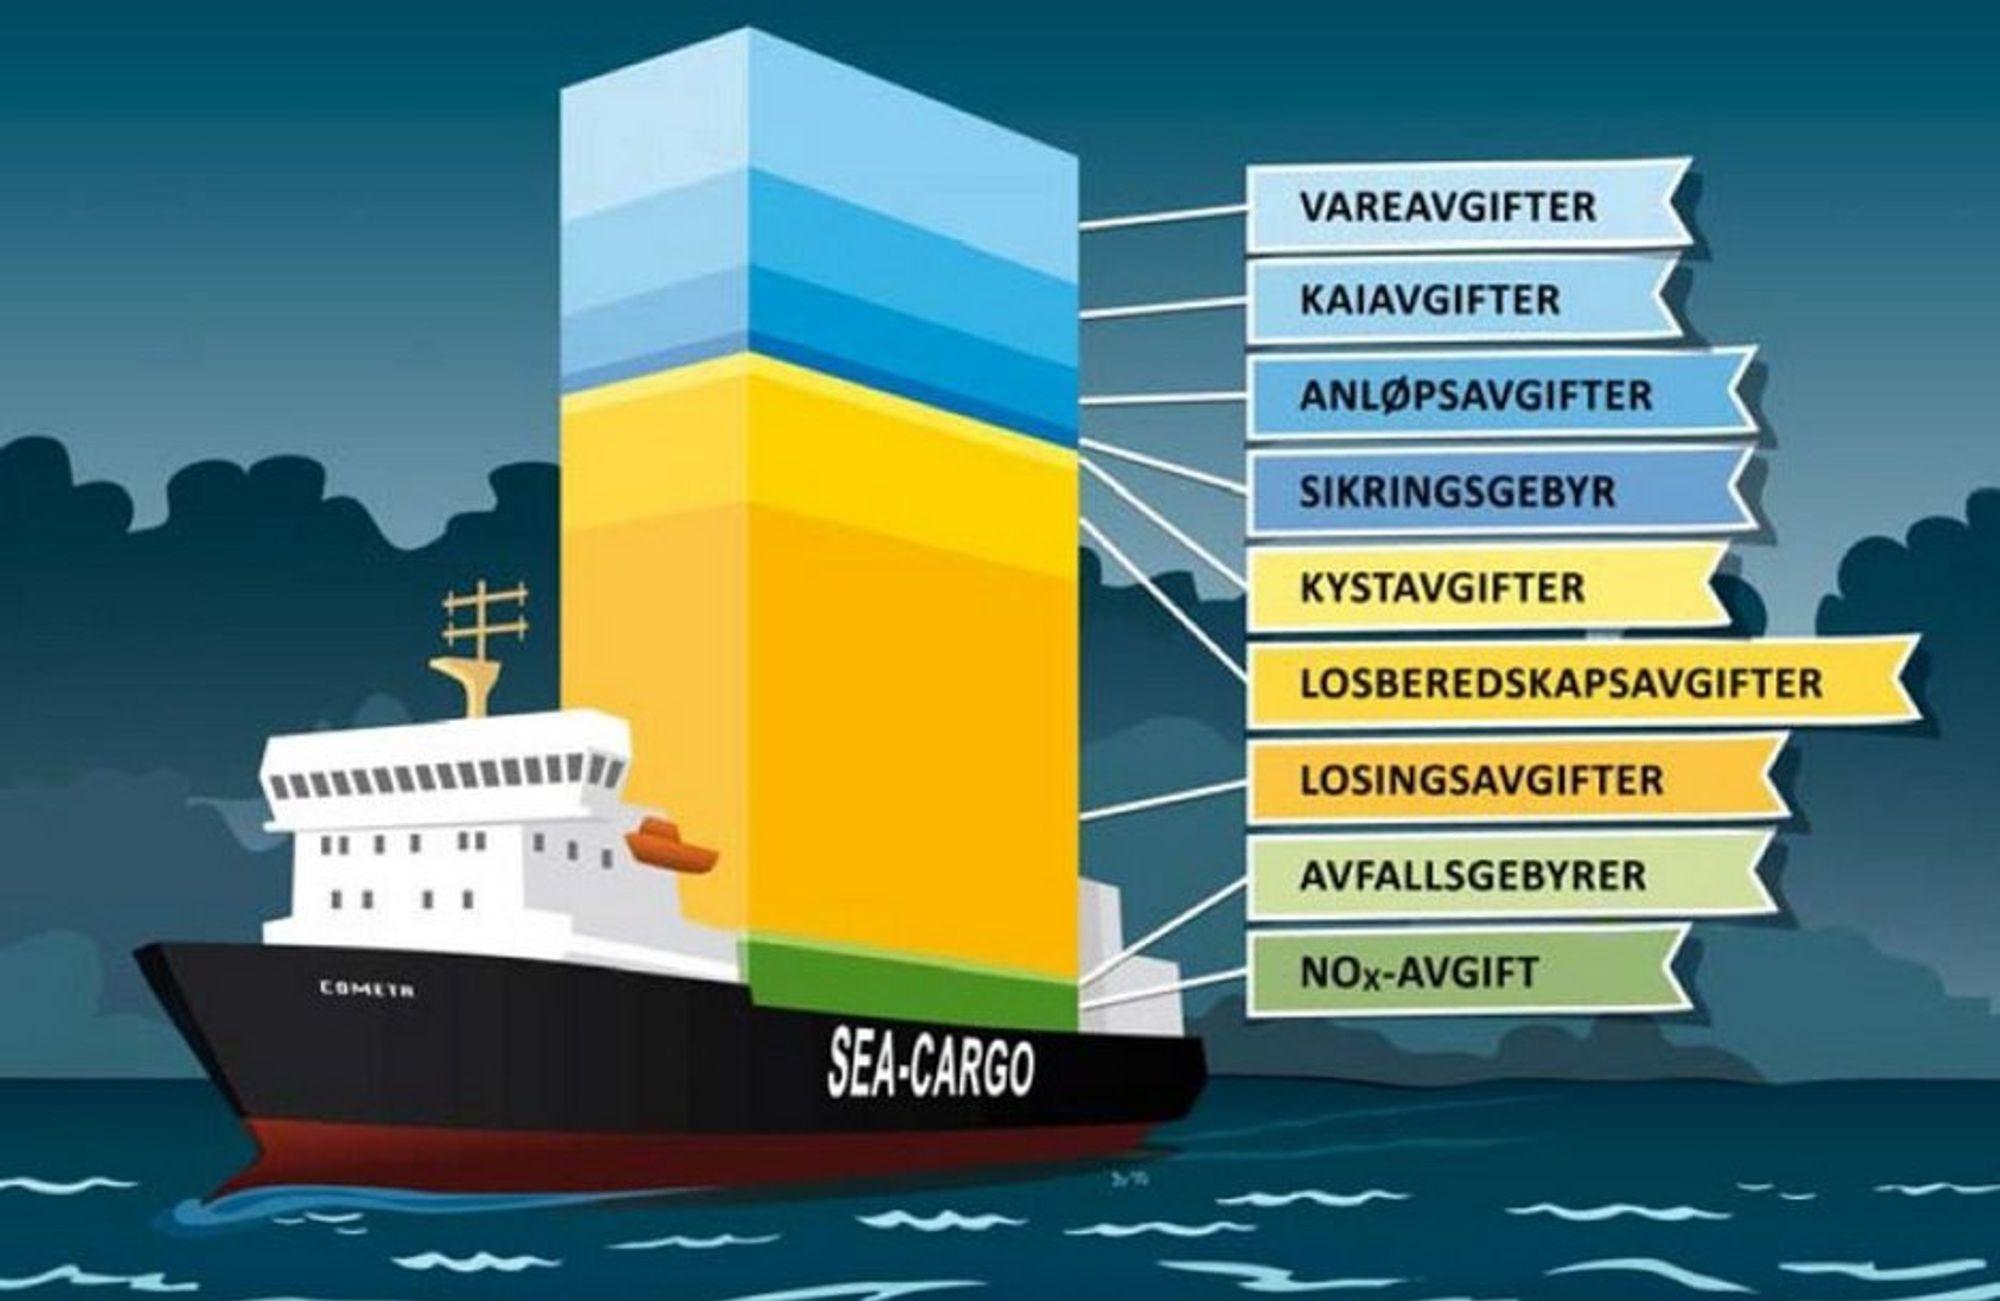 40 PROSENT AVGIFTER: Tenkt scenario: Med anløp i fem norske havner utgjør havneavgiftene 34-45 prosent av den totale avgiftssummen. Fordelingen er illustrert her. Med en lavere fyllingsgrad vil andelen havneavgifter reduseres betydelig, på grunn av at vareavgiften vil gå ned. Bortsett fra vareavgiften er alle avgiftene«faste» avgifter som påløper enten båten eller full eller tom. Avgiftene utgjør i disse eksemplene anslagsvis 40 prosent av skipenes samlede driftskostnader.